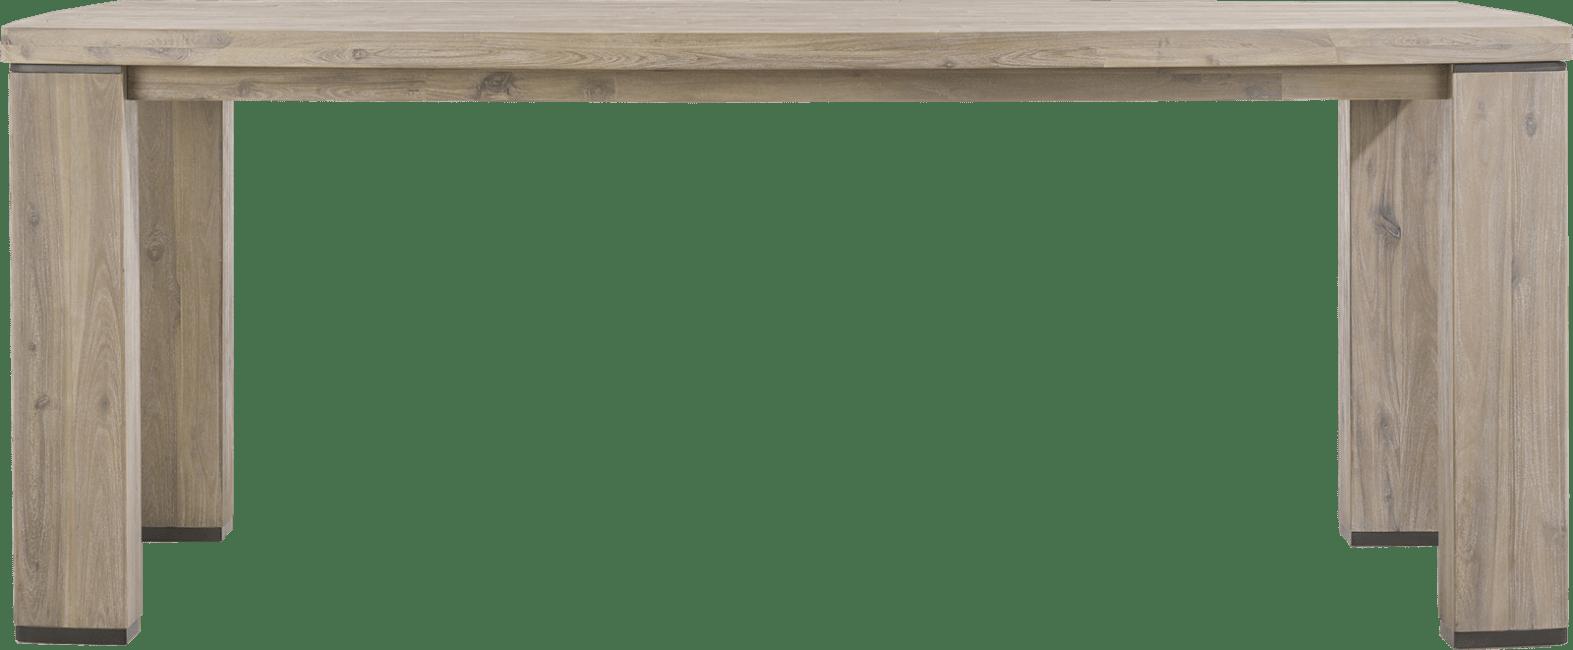 Coiba - eetkamertafel 200 x 105 cm